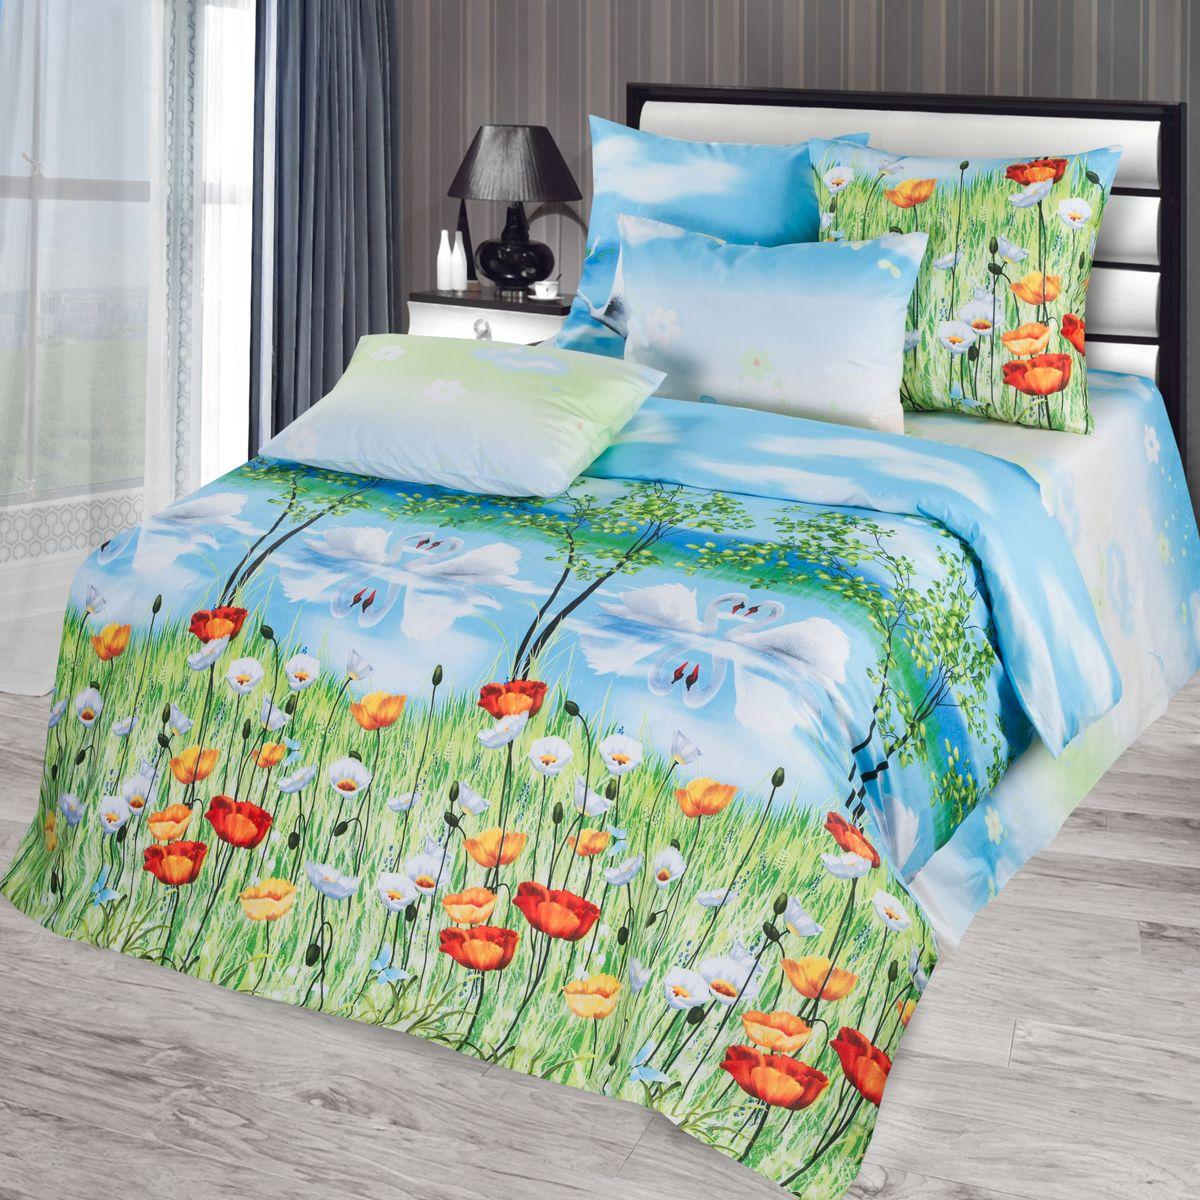 Комплект белья Guten Morgen, 1,5-спальный, наволочки 70х70. А-716-143-150-70